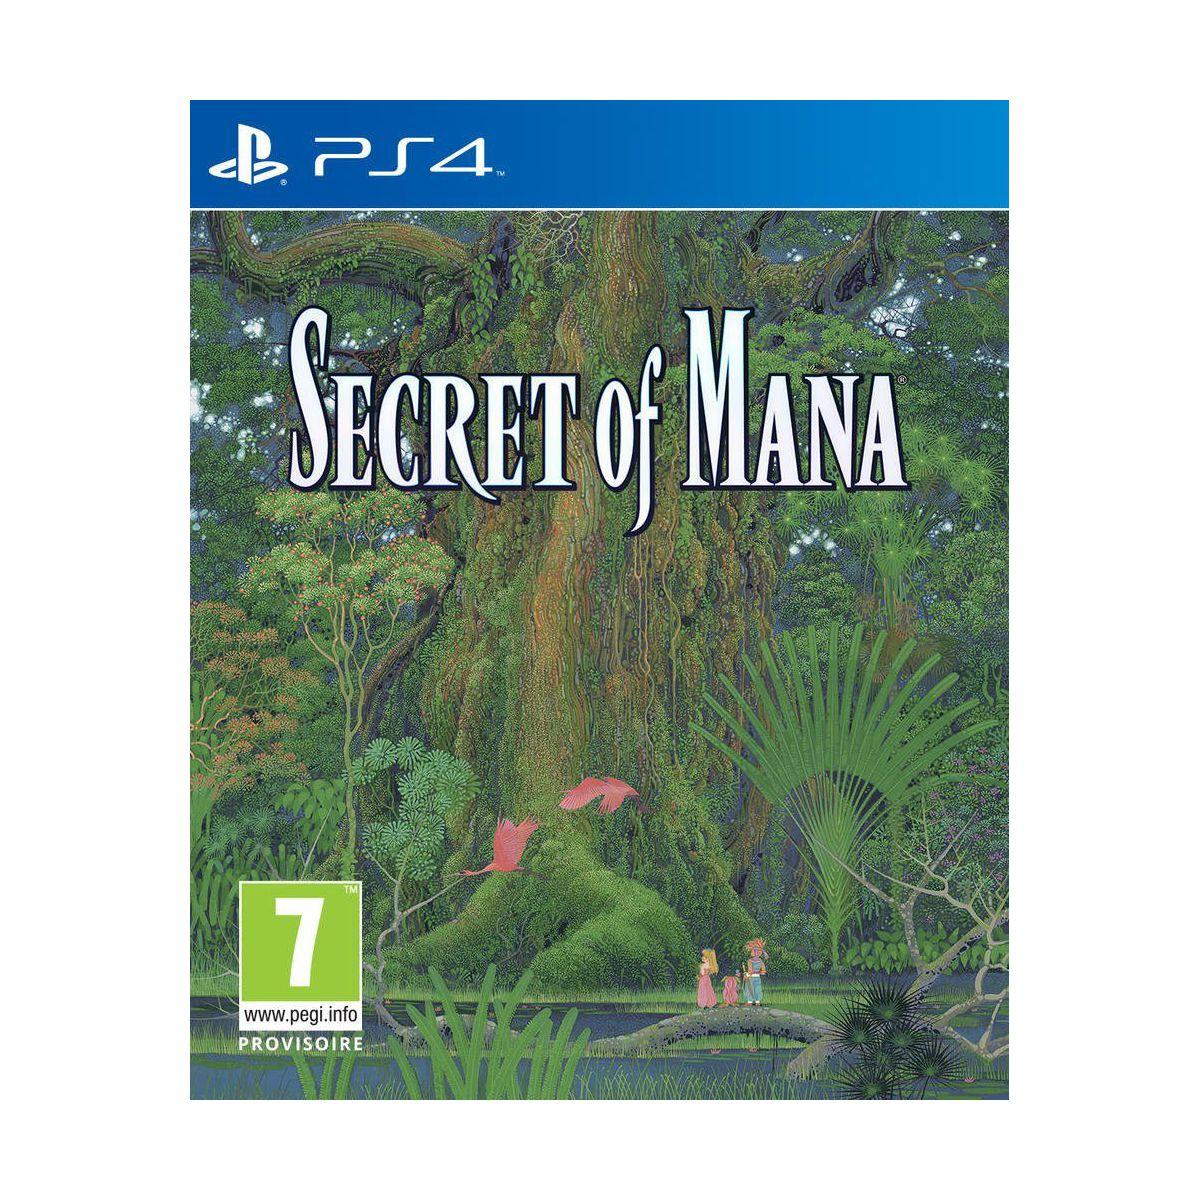 Jeu PS4 KOCH MEDIA Secret of Mana